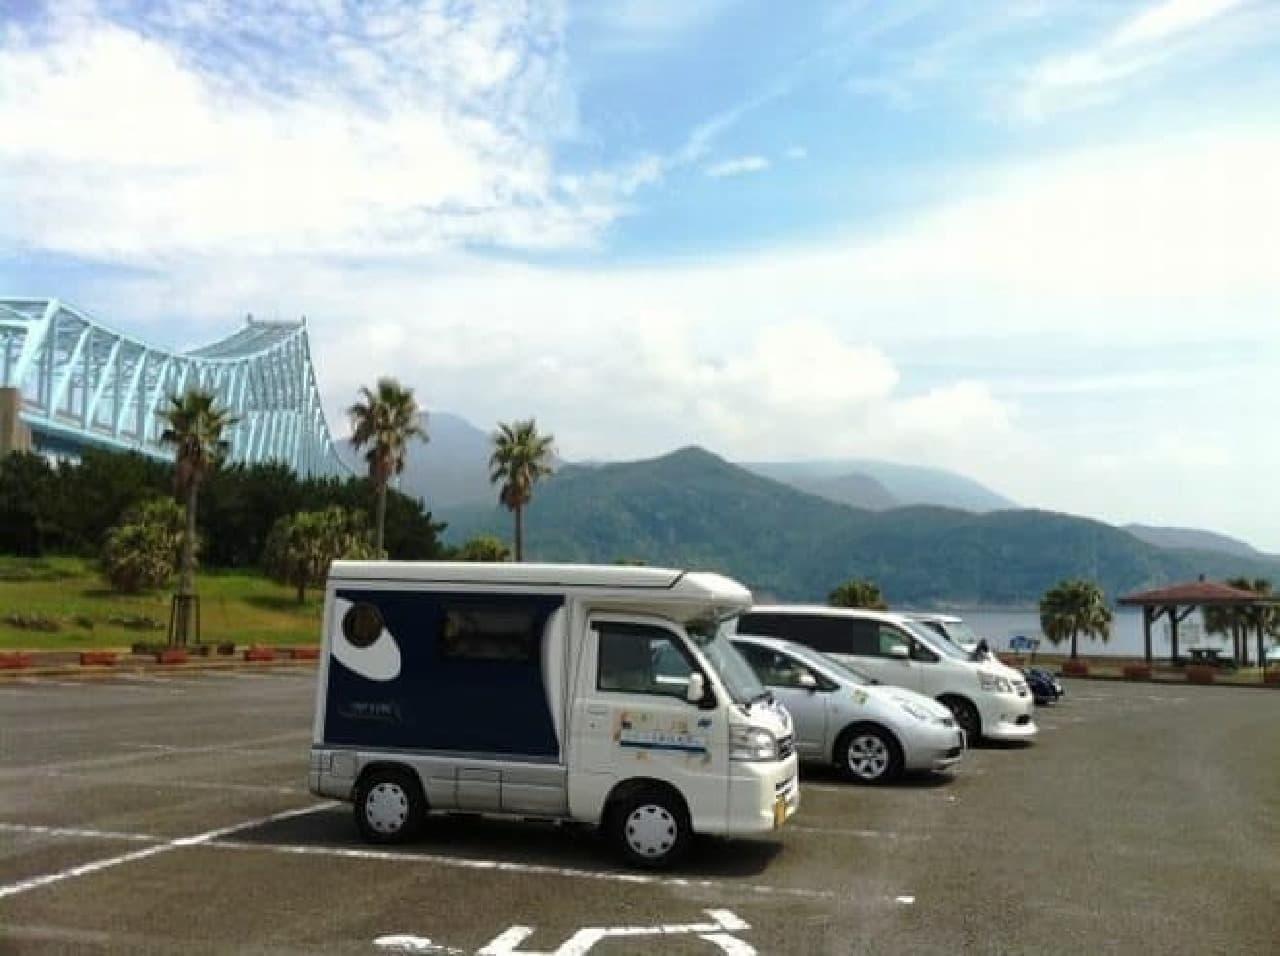 長崎県が移住に関心がある人を対象に「ラクラク移住先探し」を開始